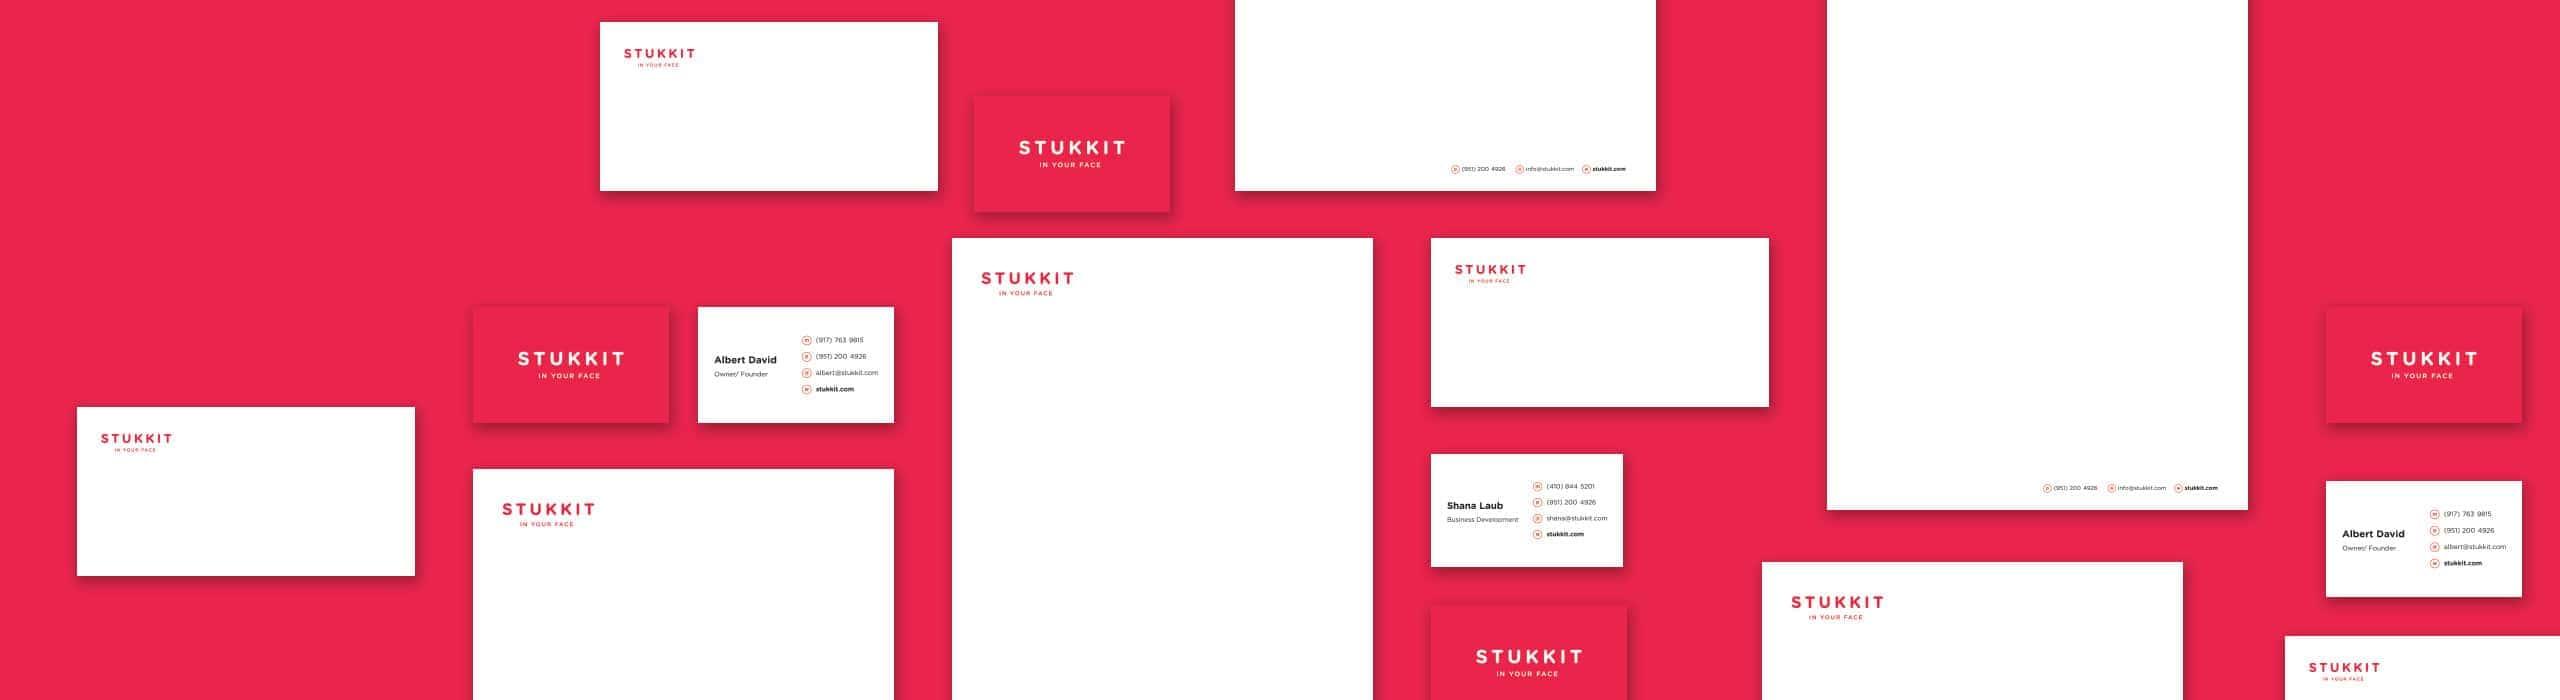 Stukkit - natie-stukkit-stationary - Natie Branding Agency